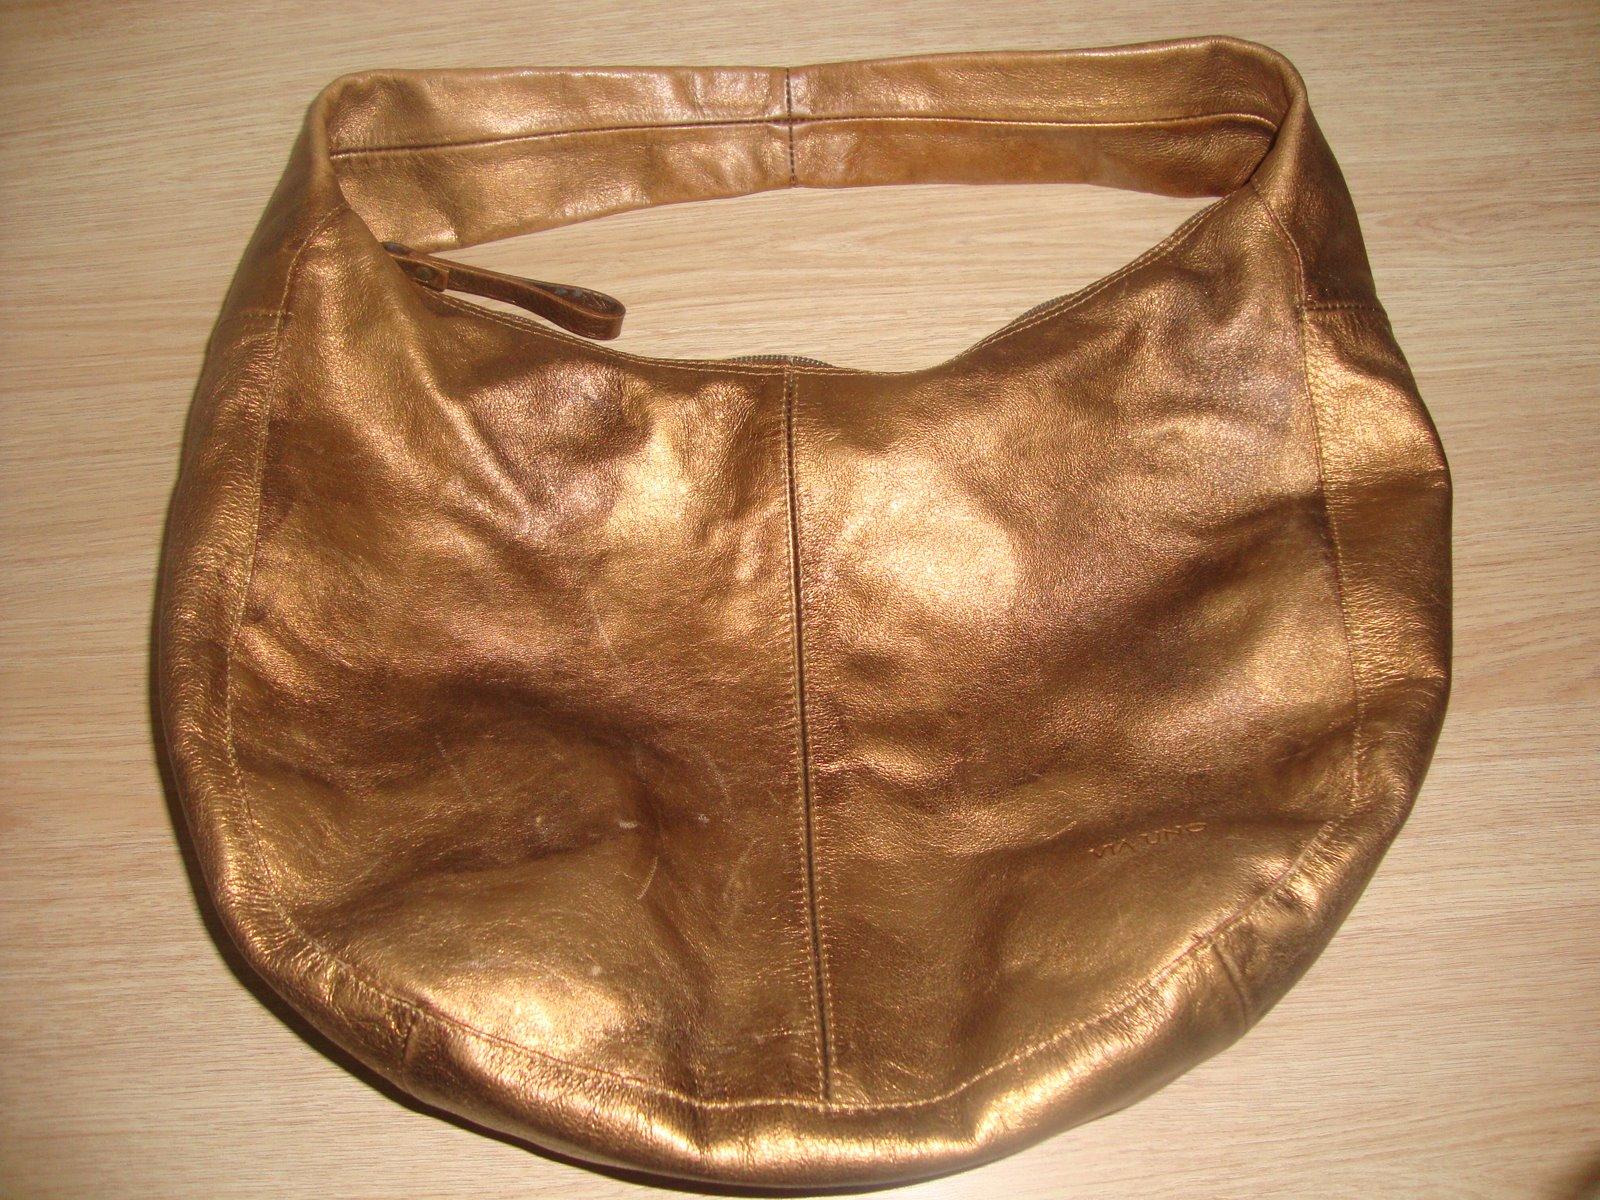 Bolsa Feminina De Couro Via Uno : Brechoice bolsa molenga em couro via uno vendida para gio